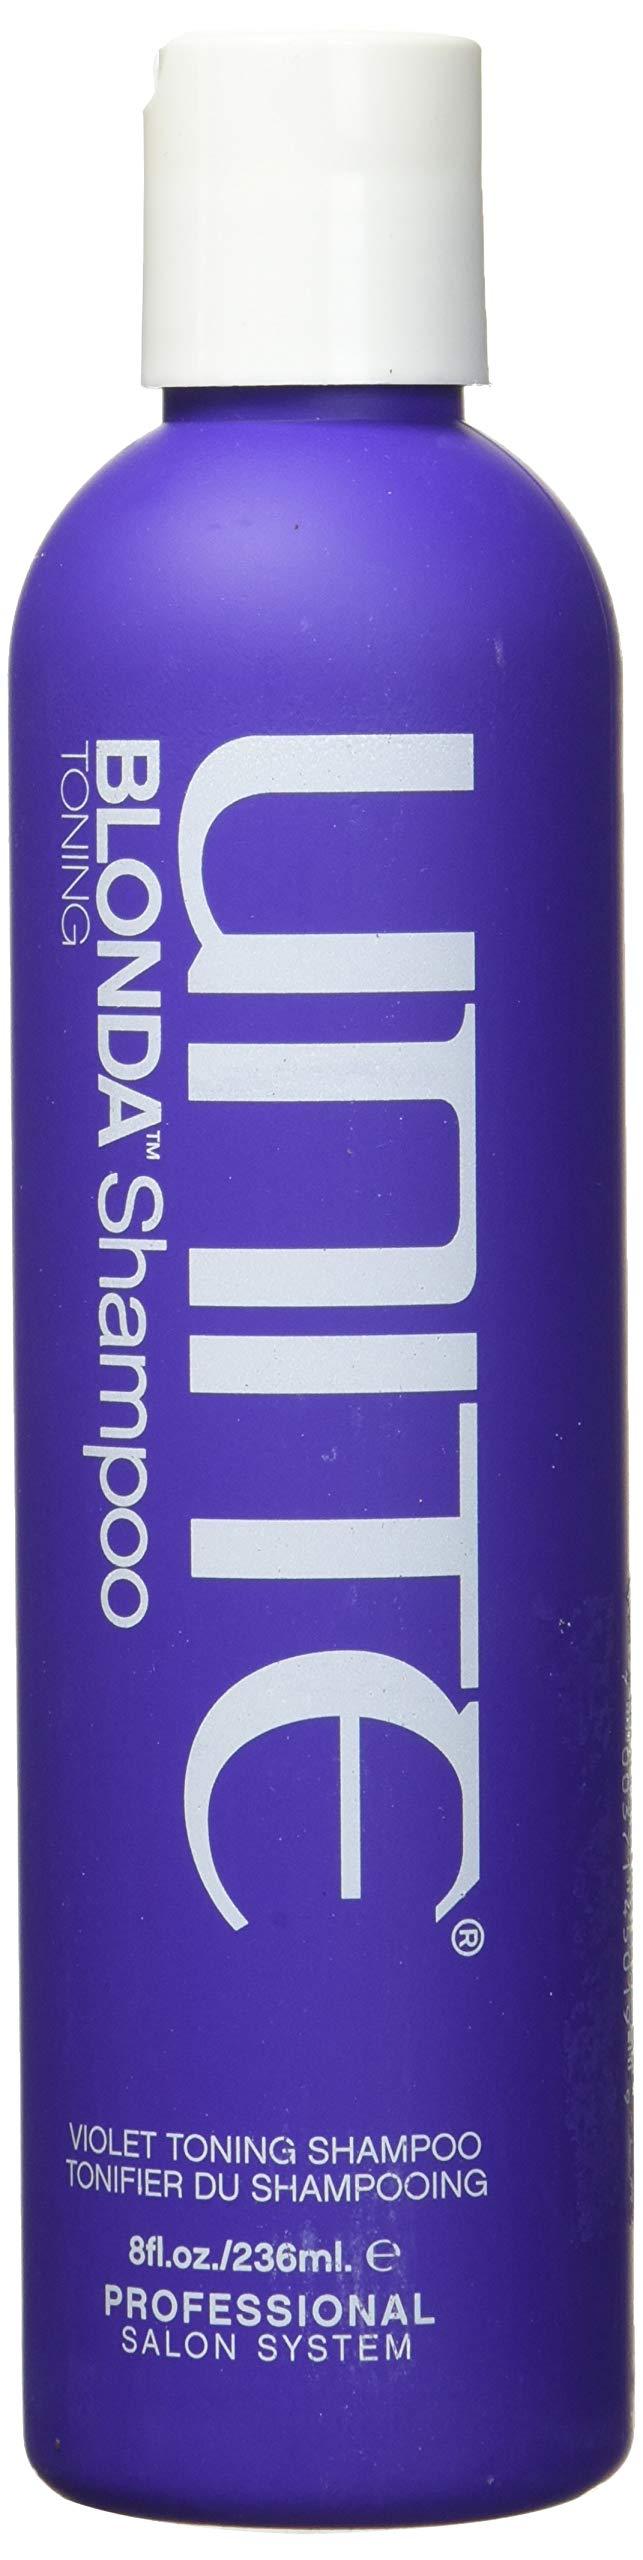 UNITE Hair Blonda Shampoo, 8 Fl Oz